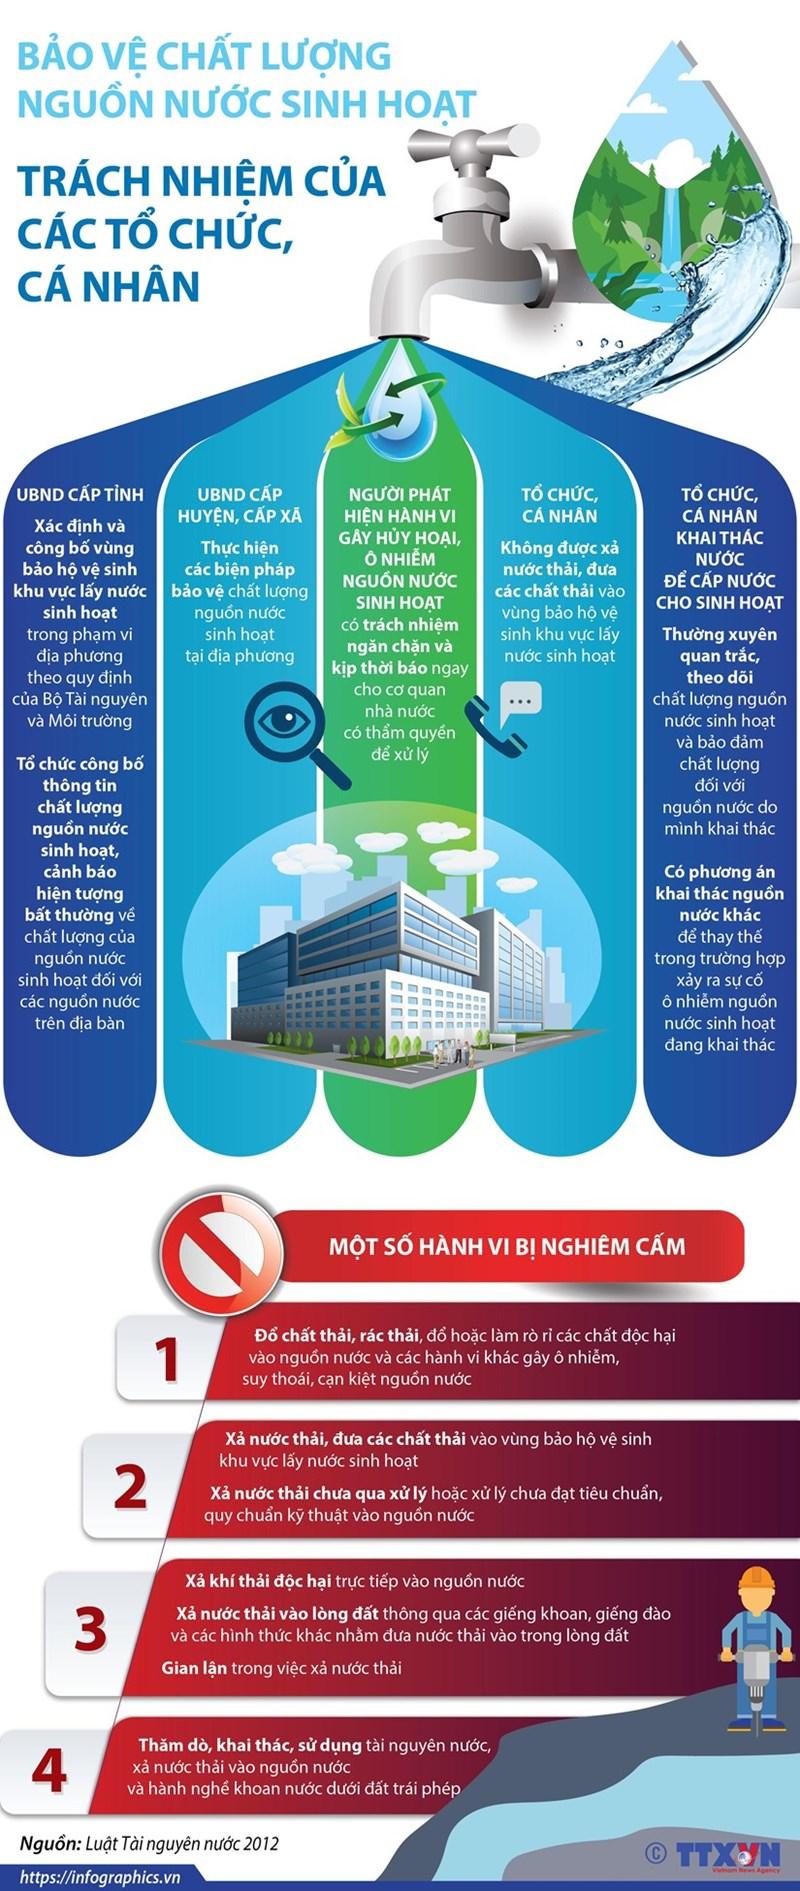 [Infographics] Bảo vệ nguồn nước sinh hoạt: Trách nhiệm của các tổ chức, cá nhân - Ảnh 1